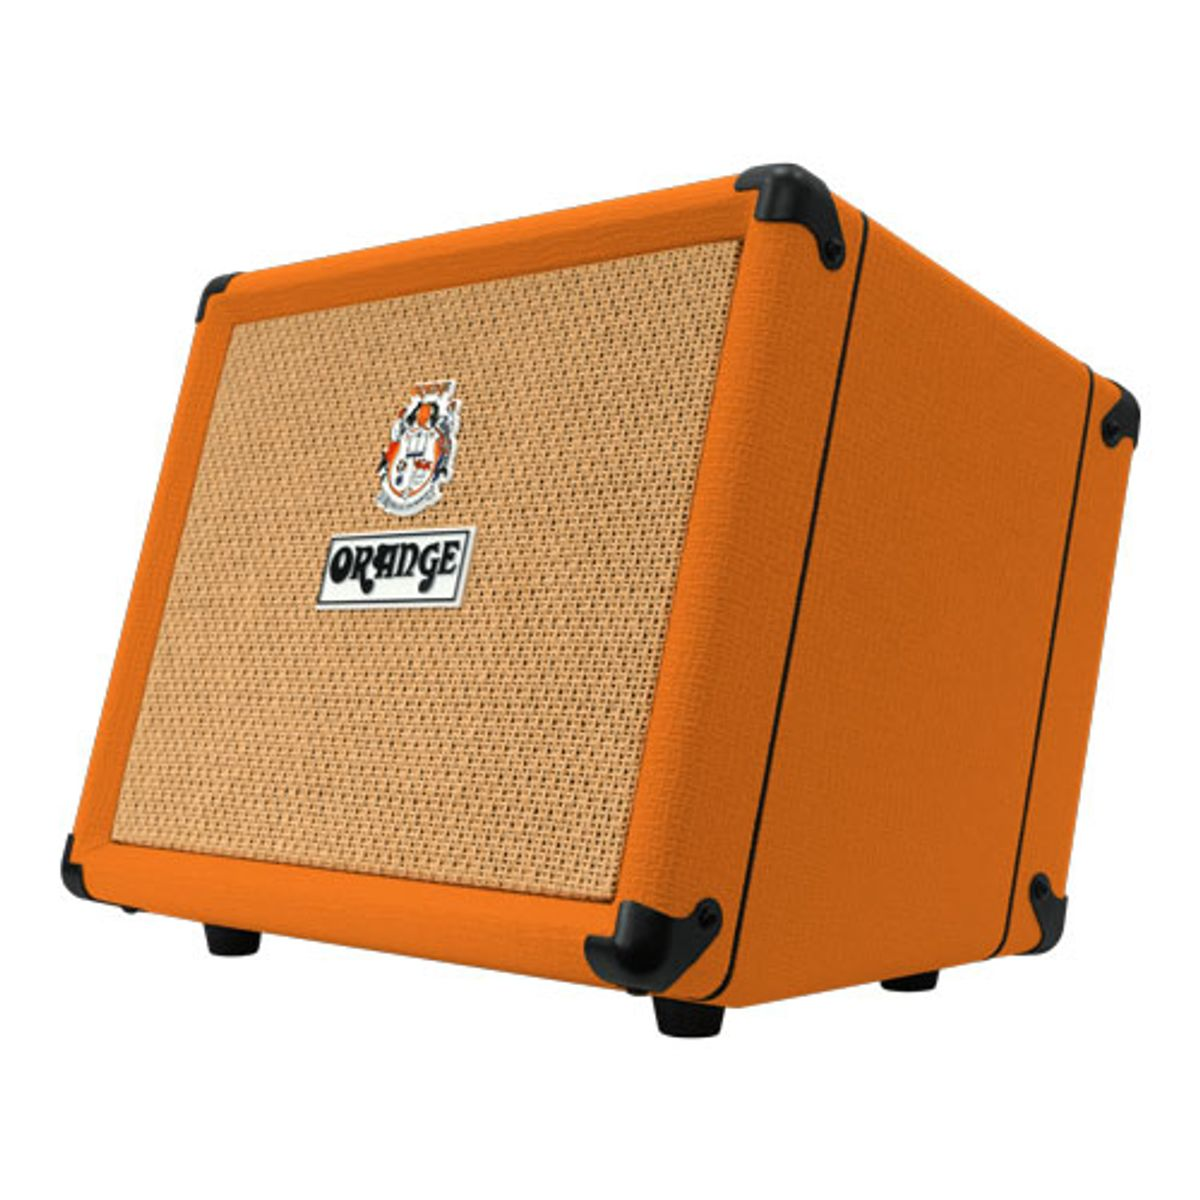 Orange Amplification Announces the Crush Acoustic 30